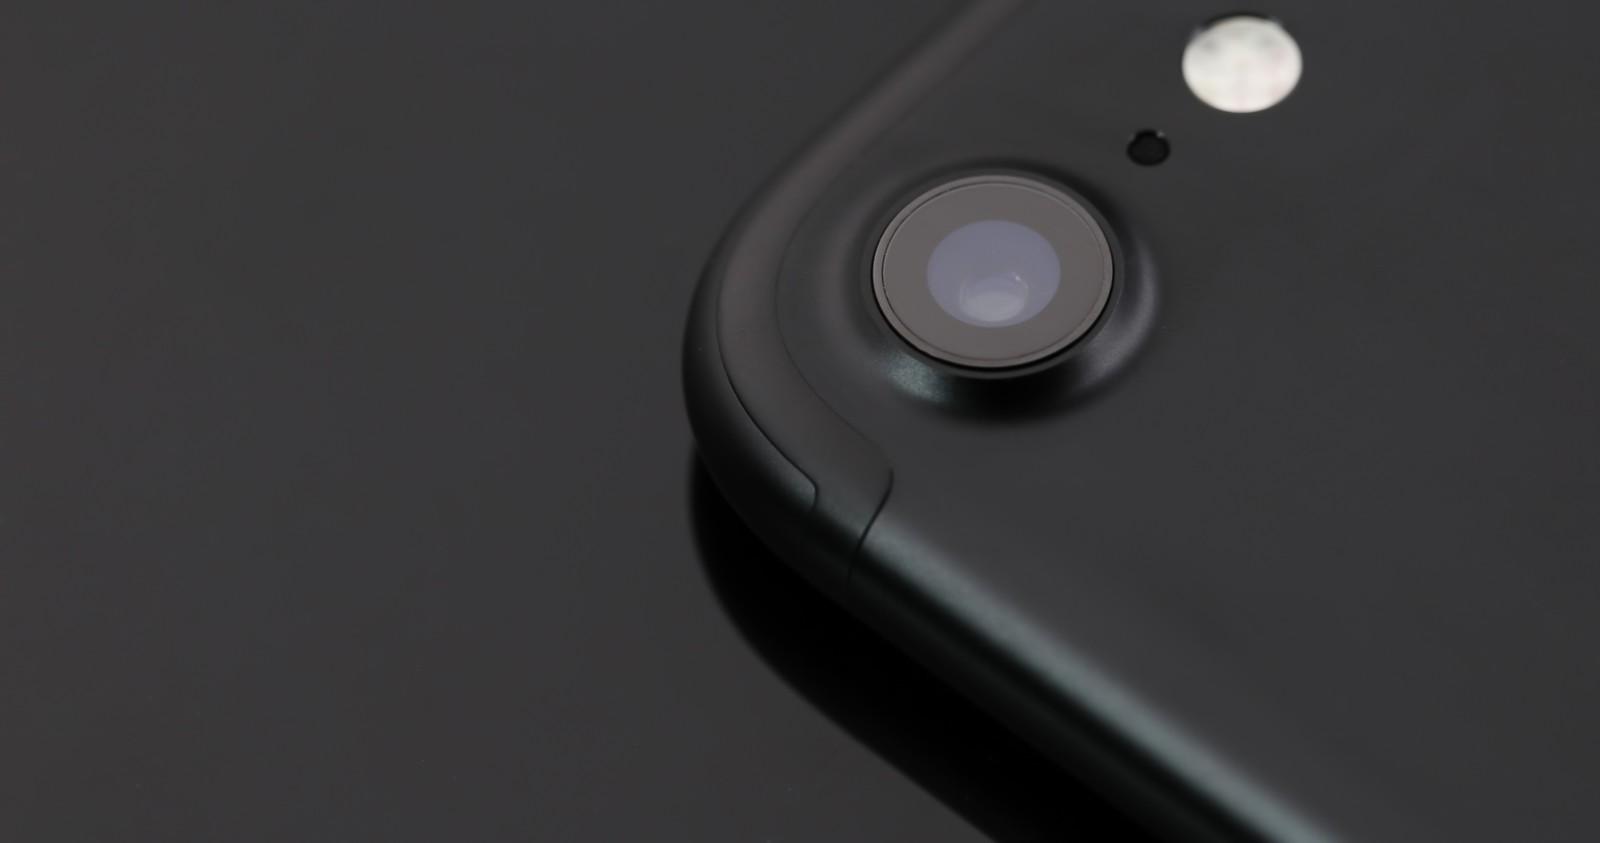 iPhoneのカメラ故障